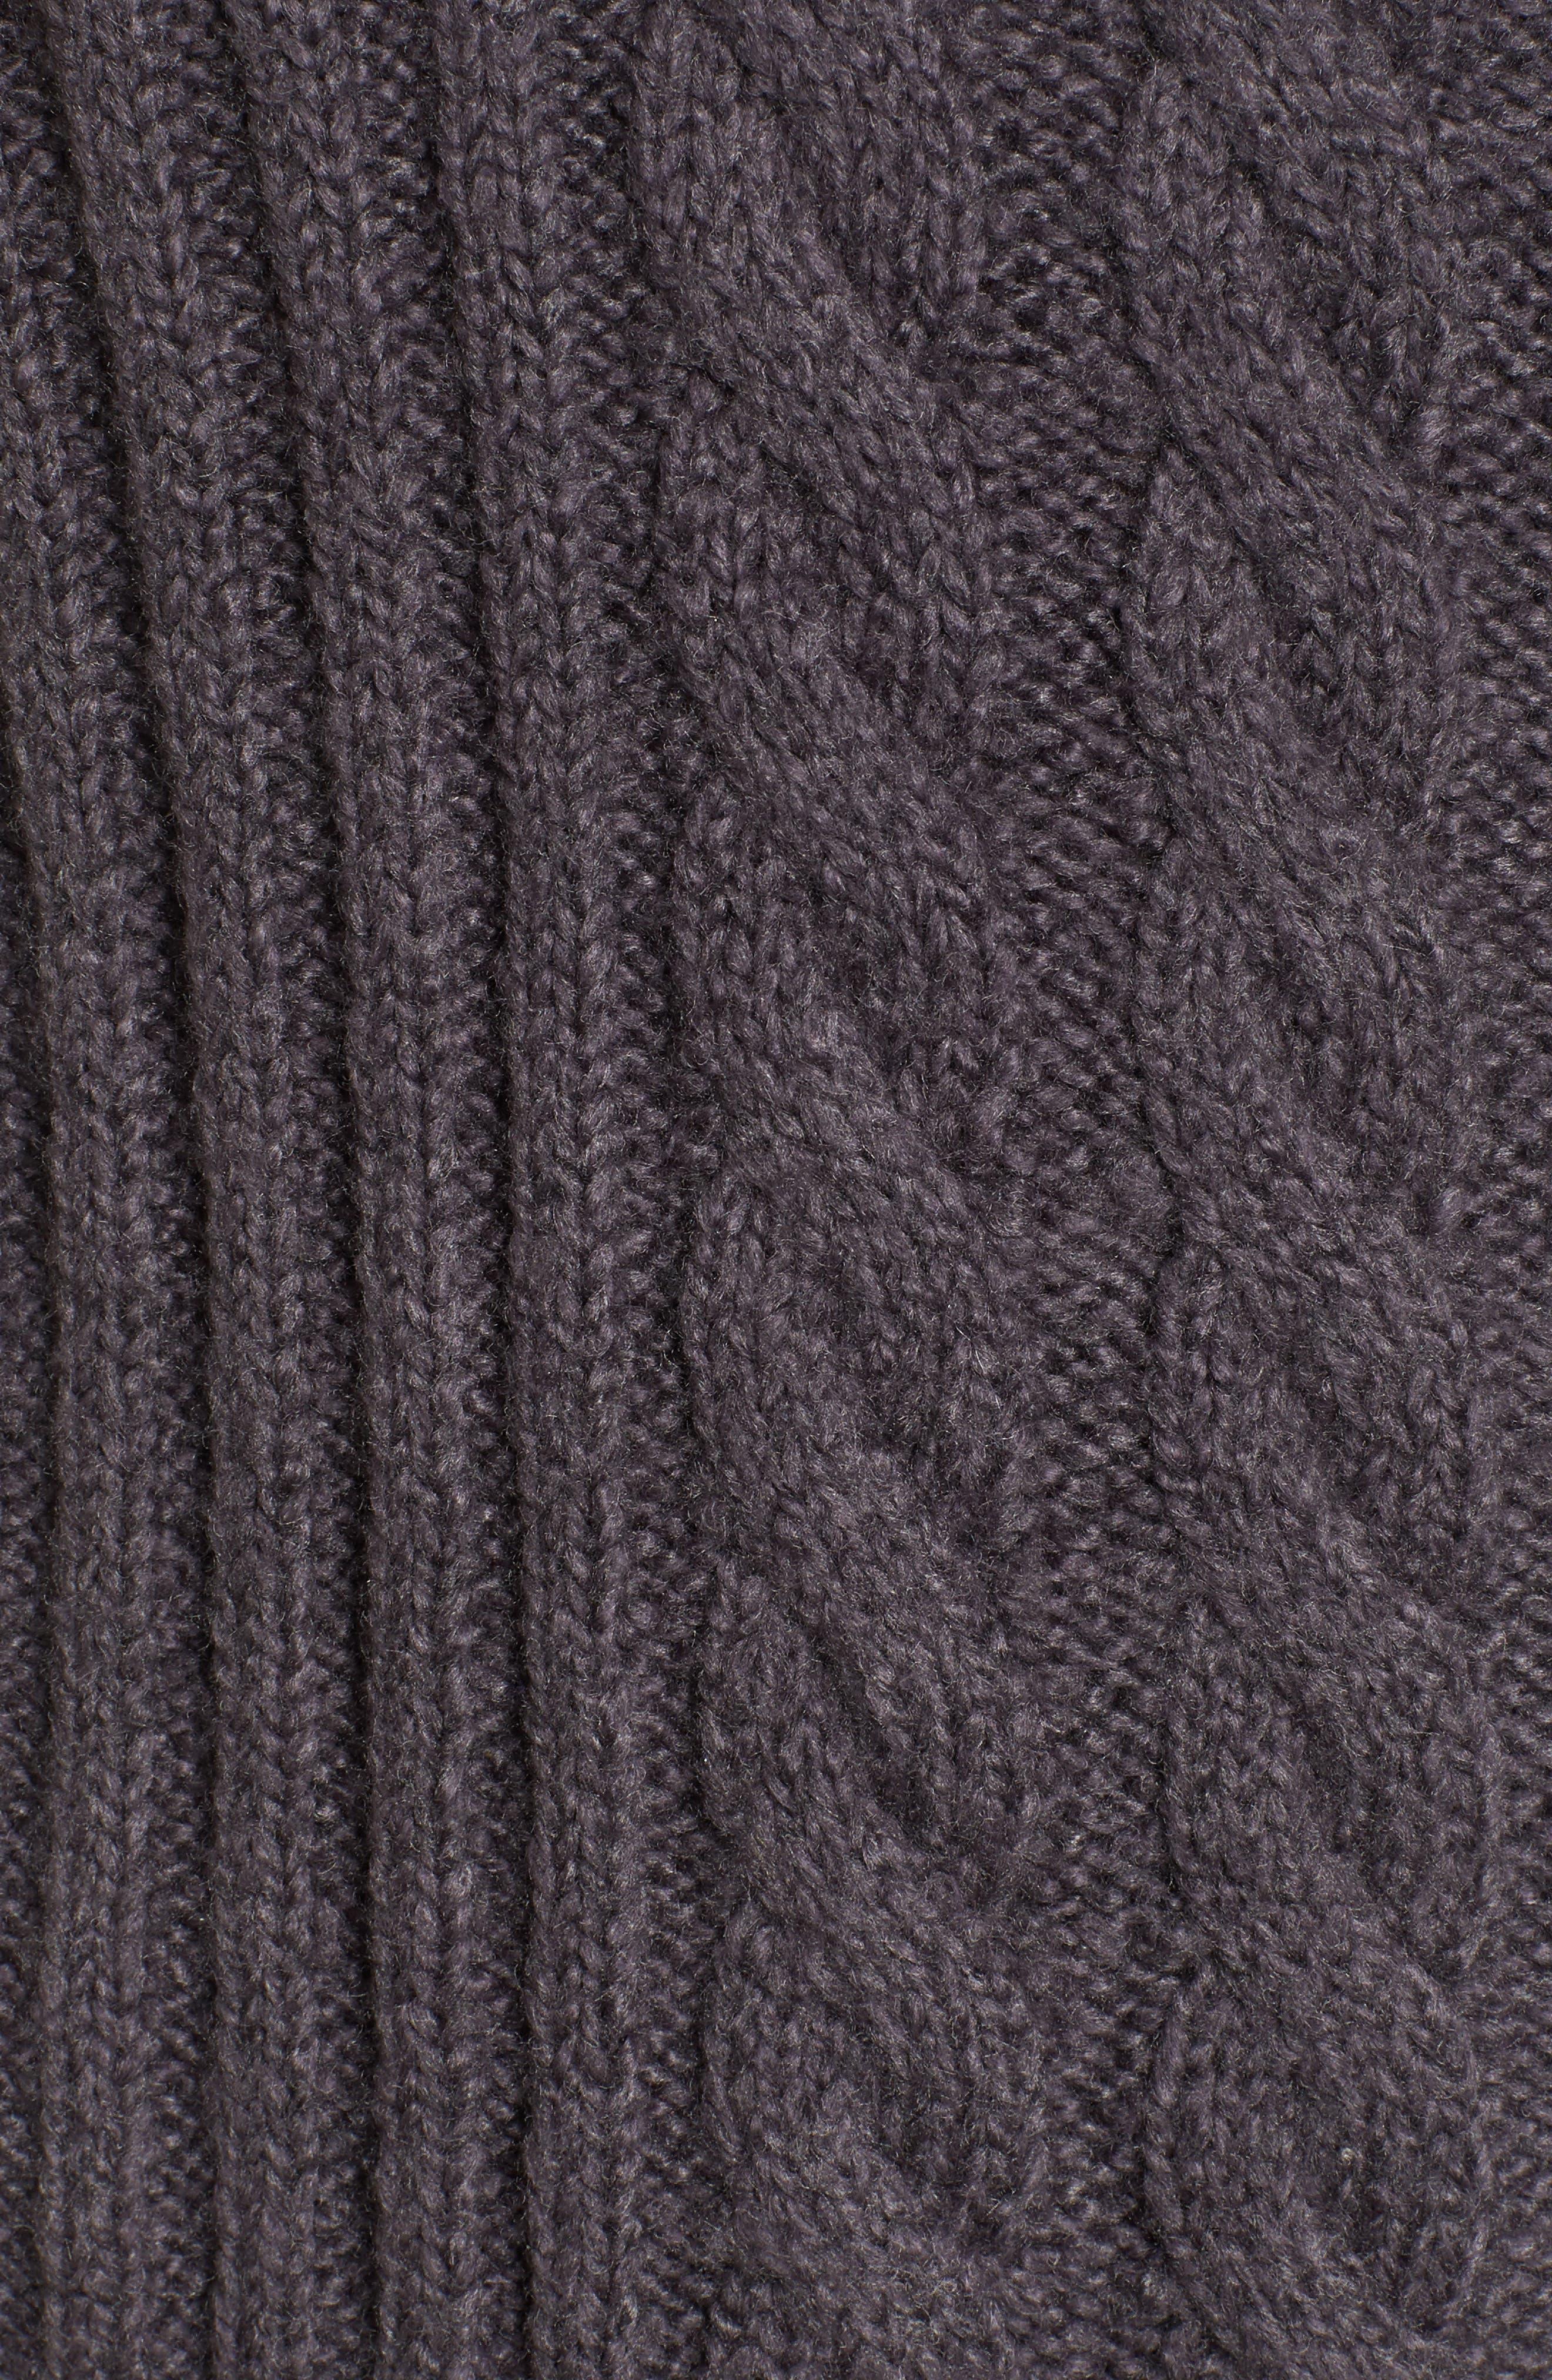 Mix Stitch Cotton Blend Sweater,                             Alternate thumbnail 5, color,                             021